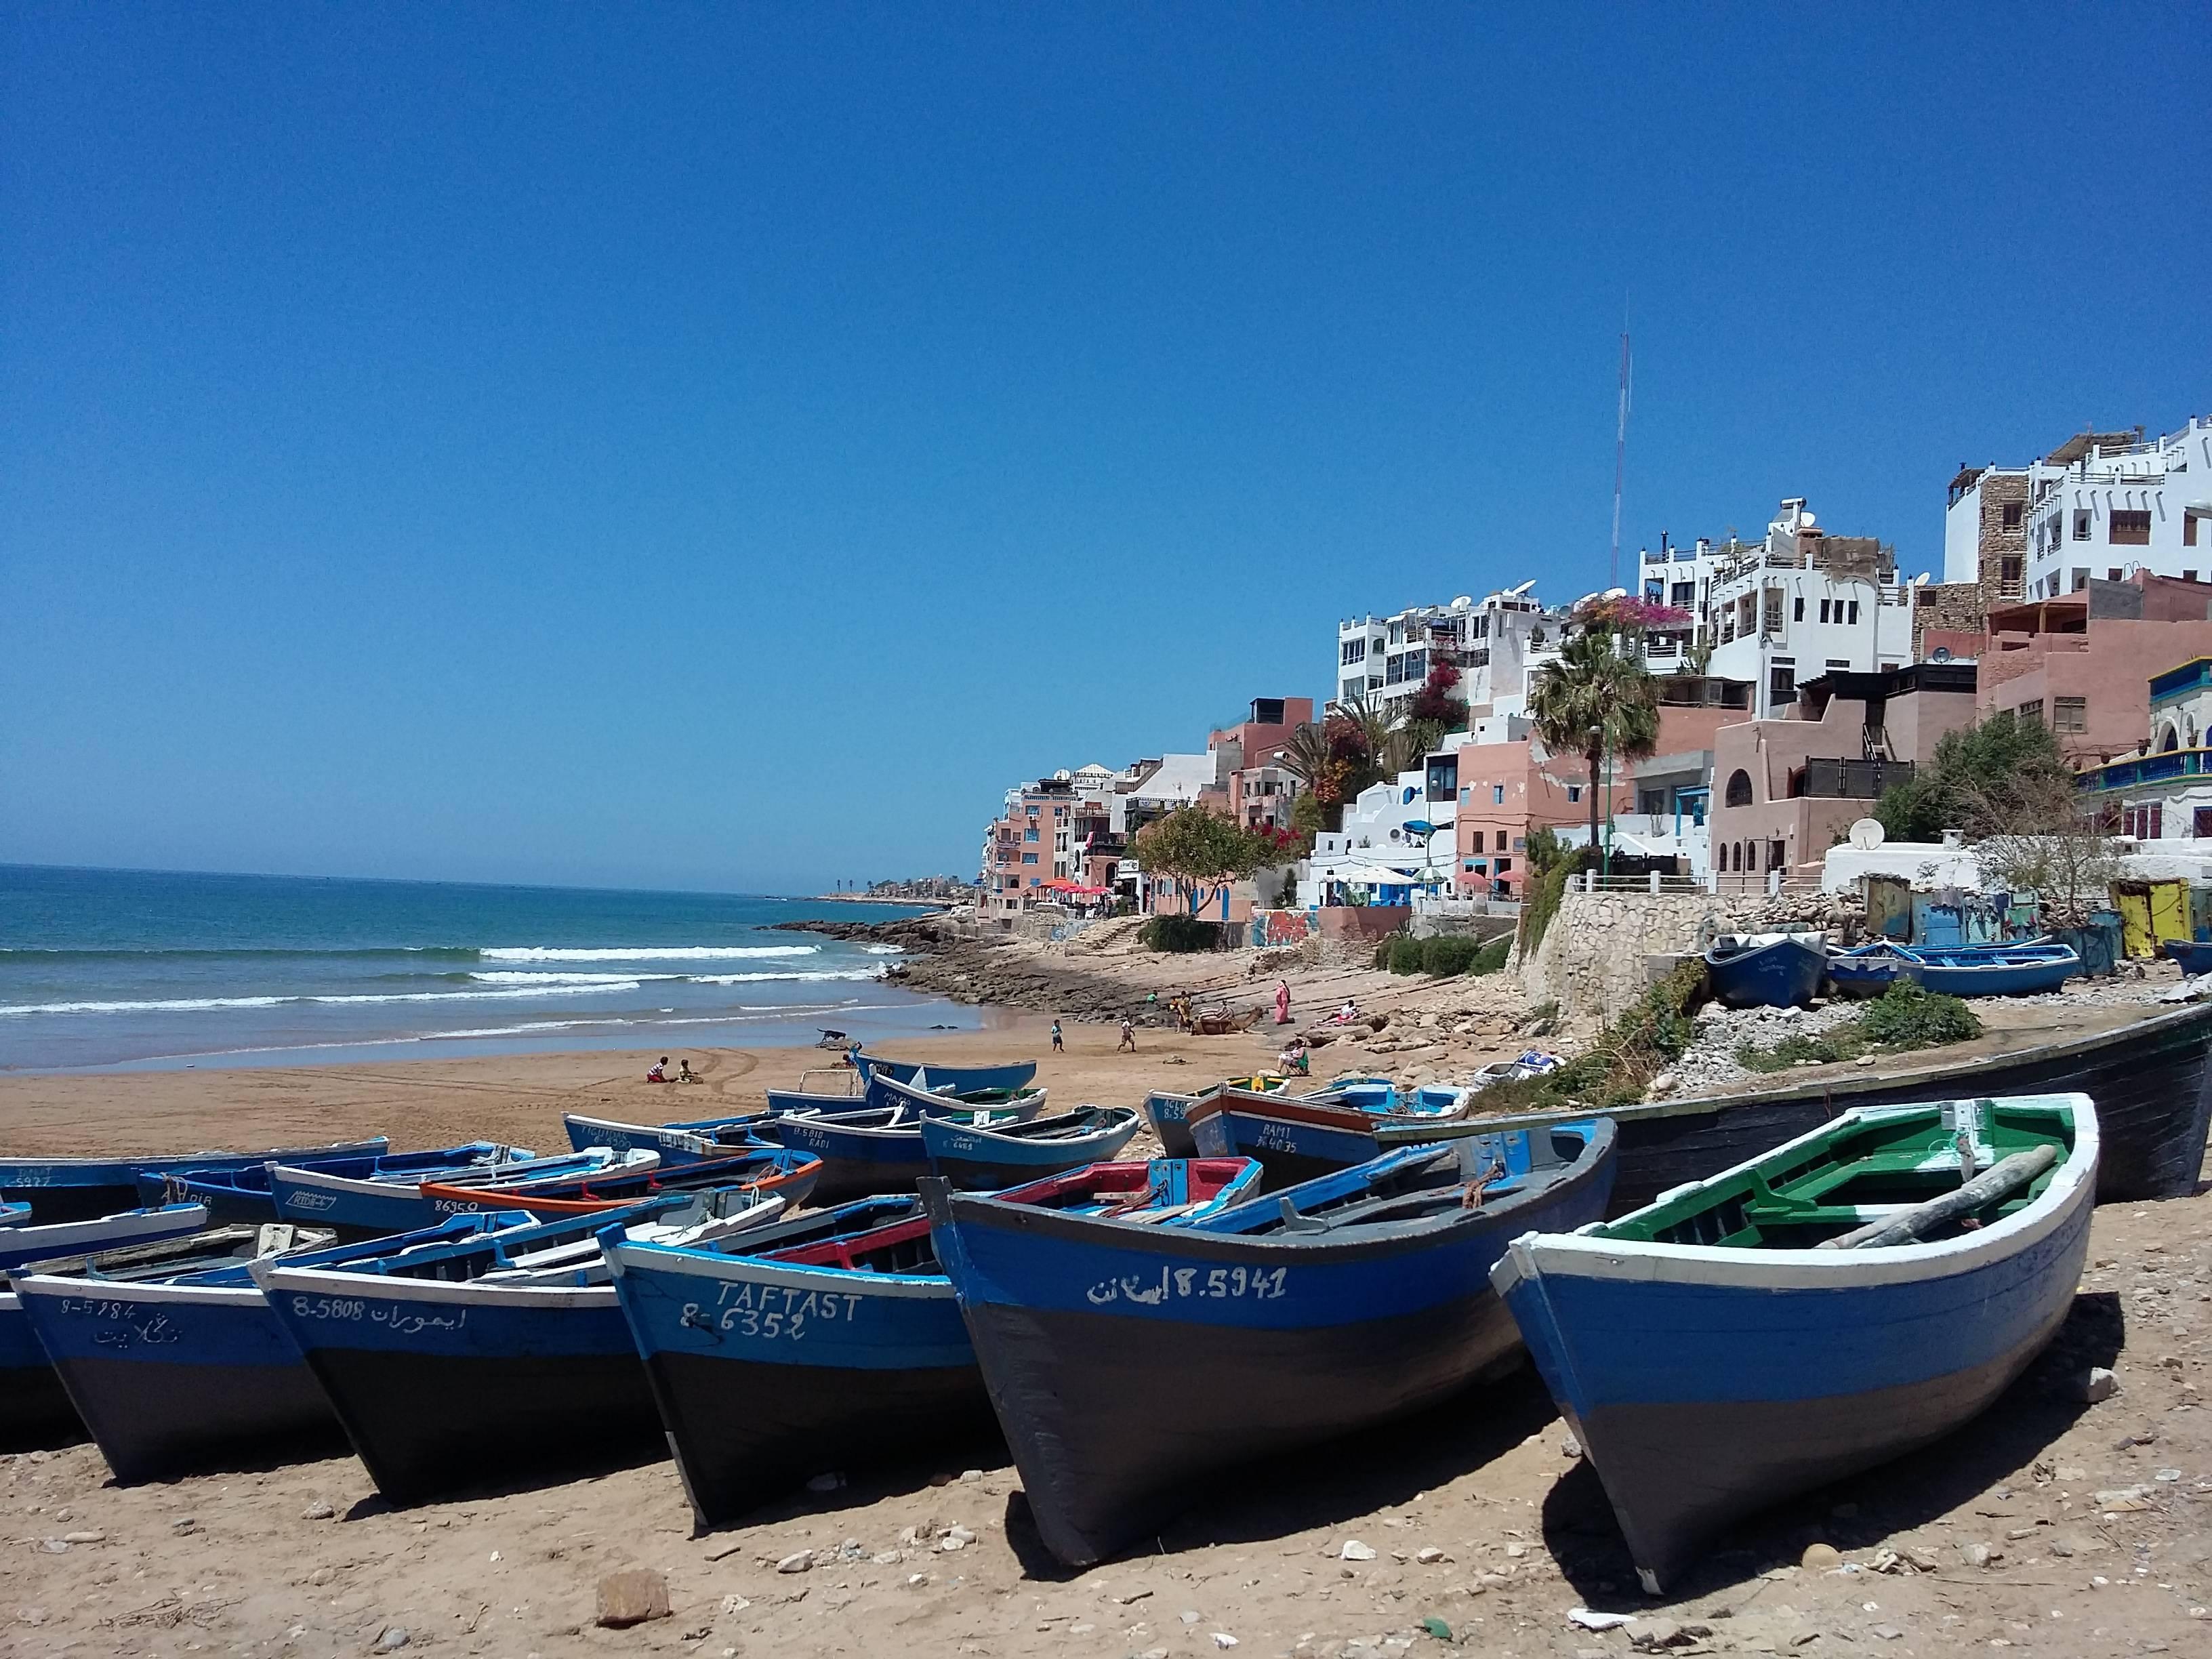 Photo 1: Le village de pêcheur pour surfeurs